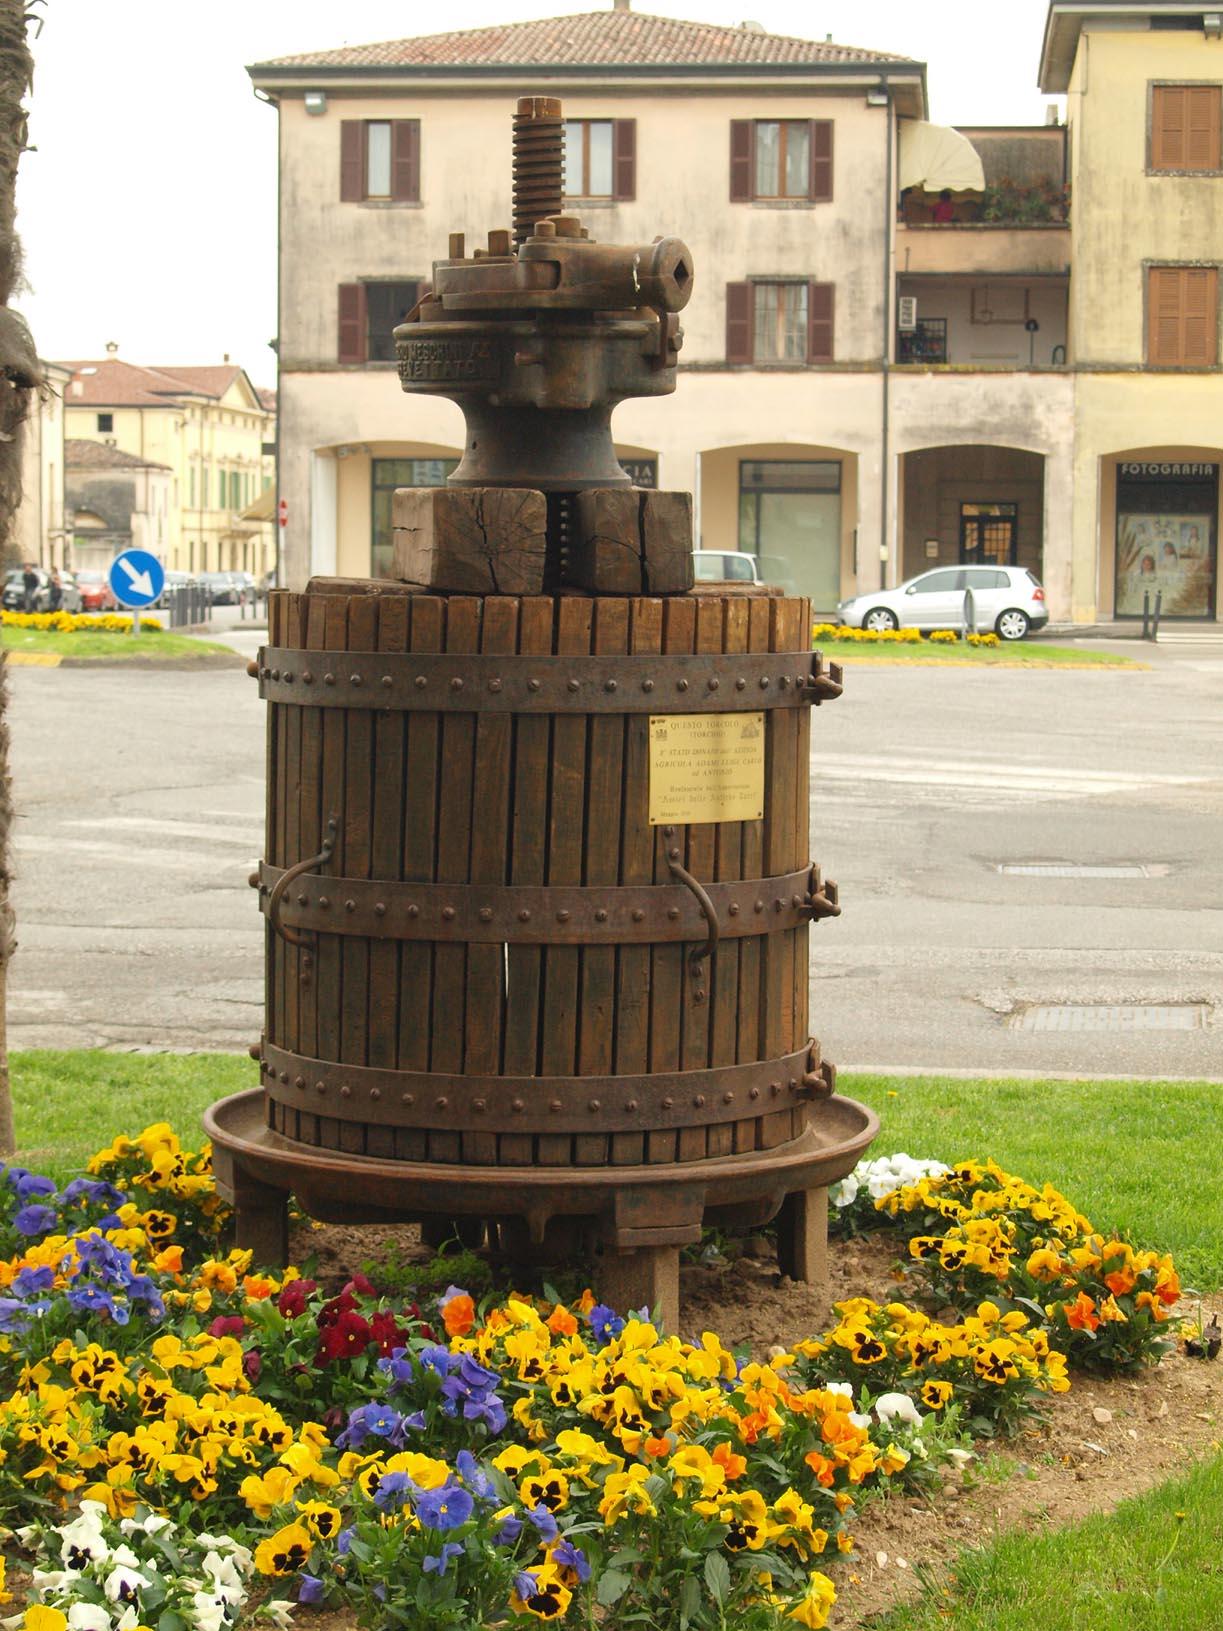 ワインの街!SOAVE へ!!ーーヴェローナ小旅行_c0179785_651992.jpg